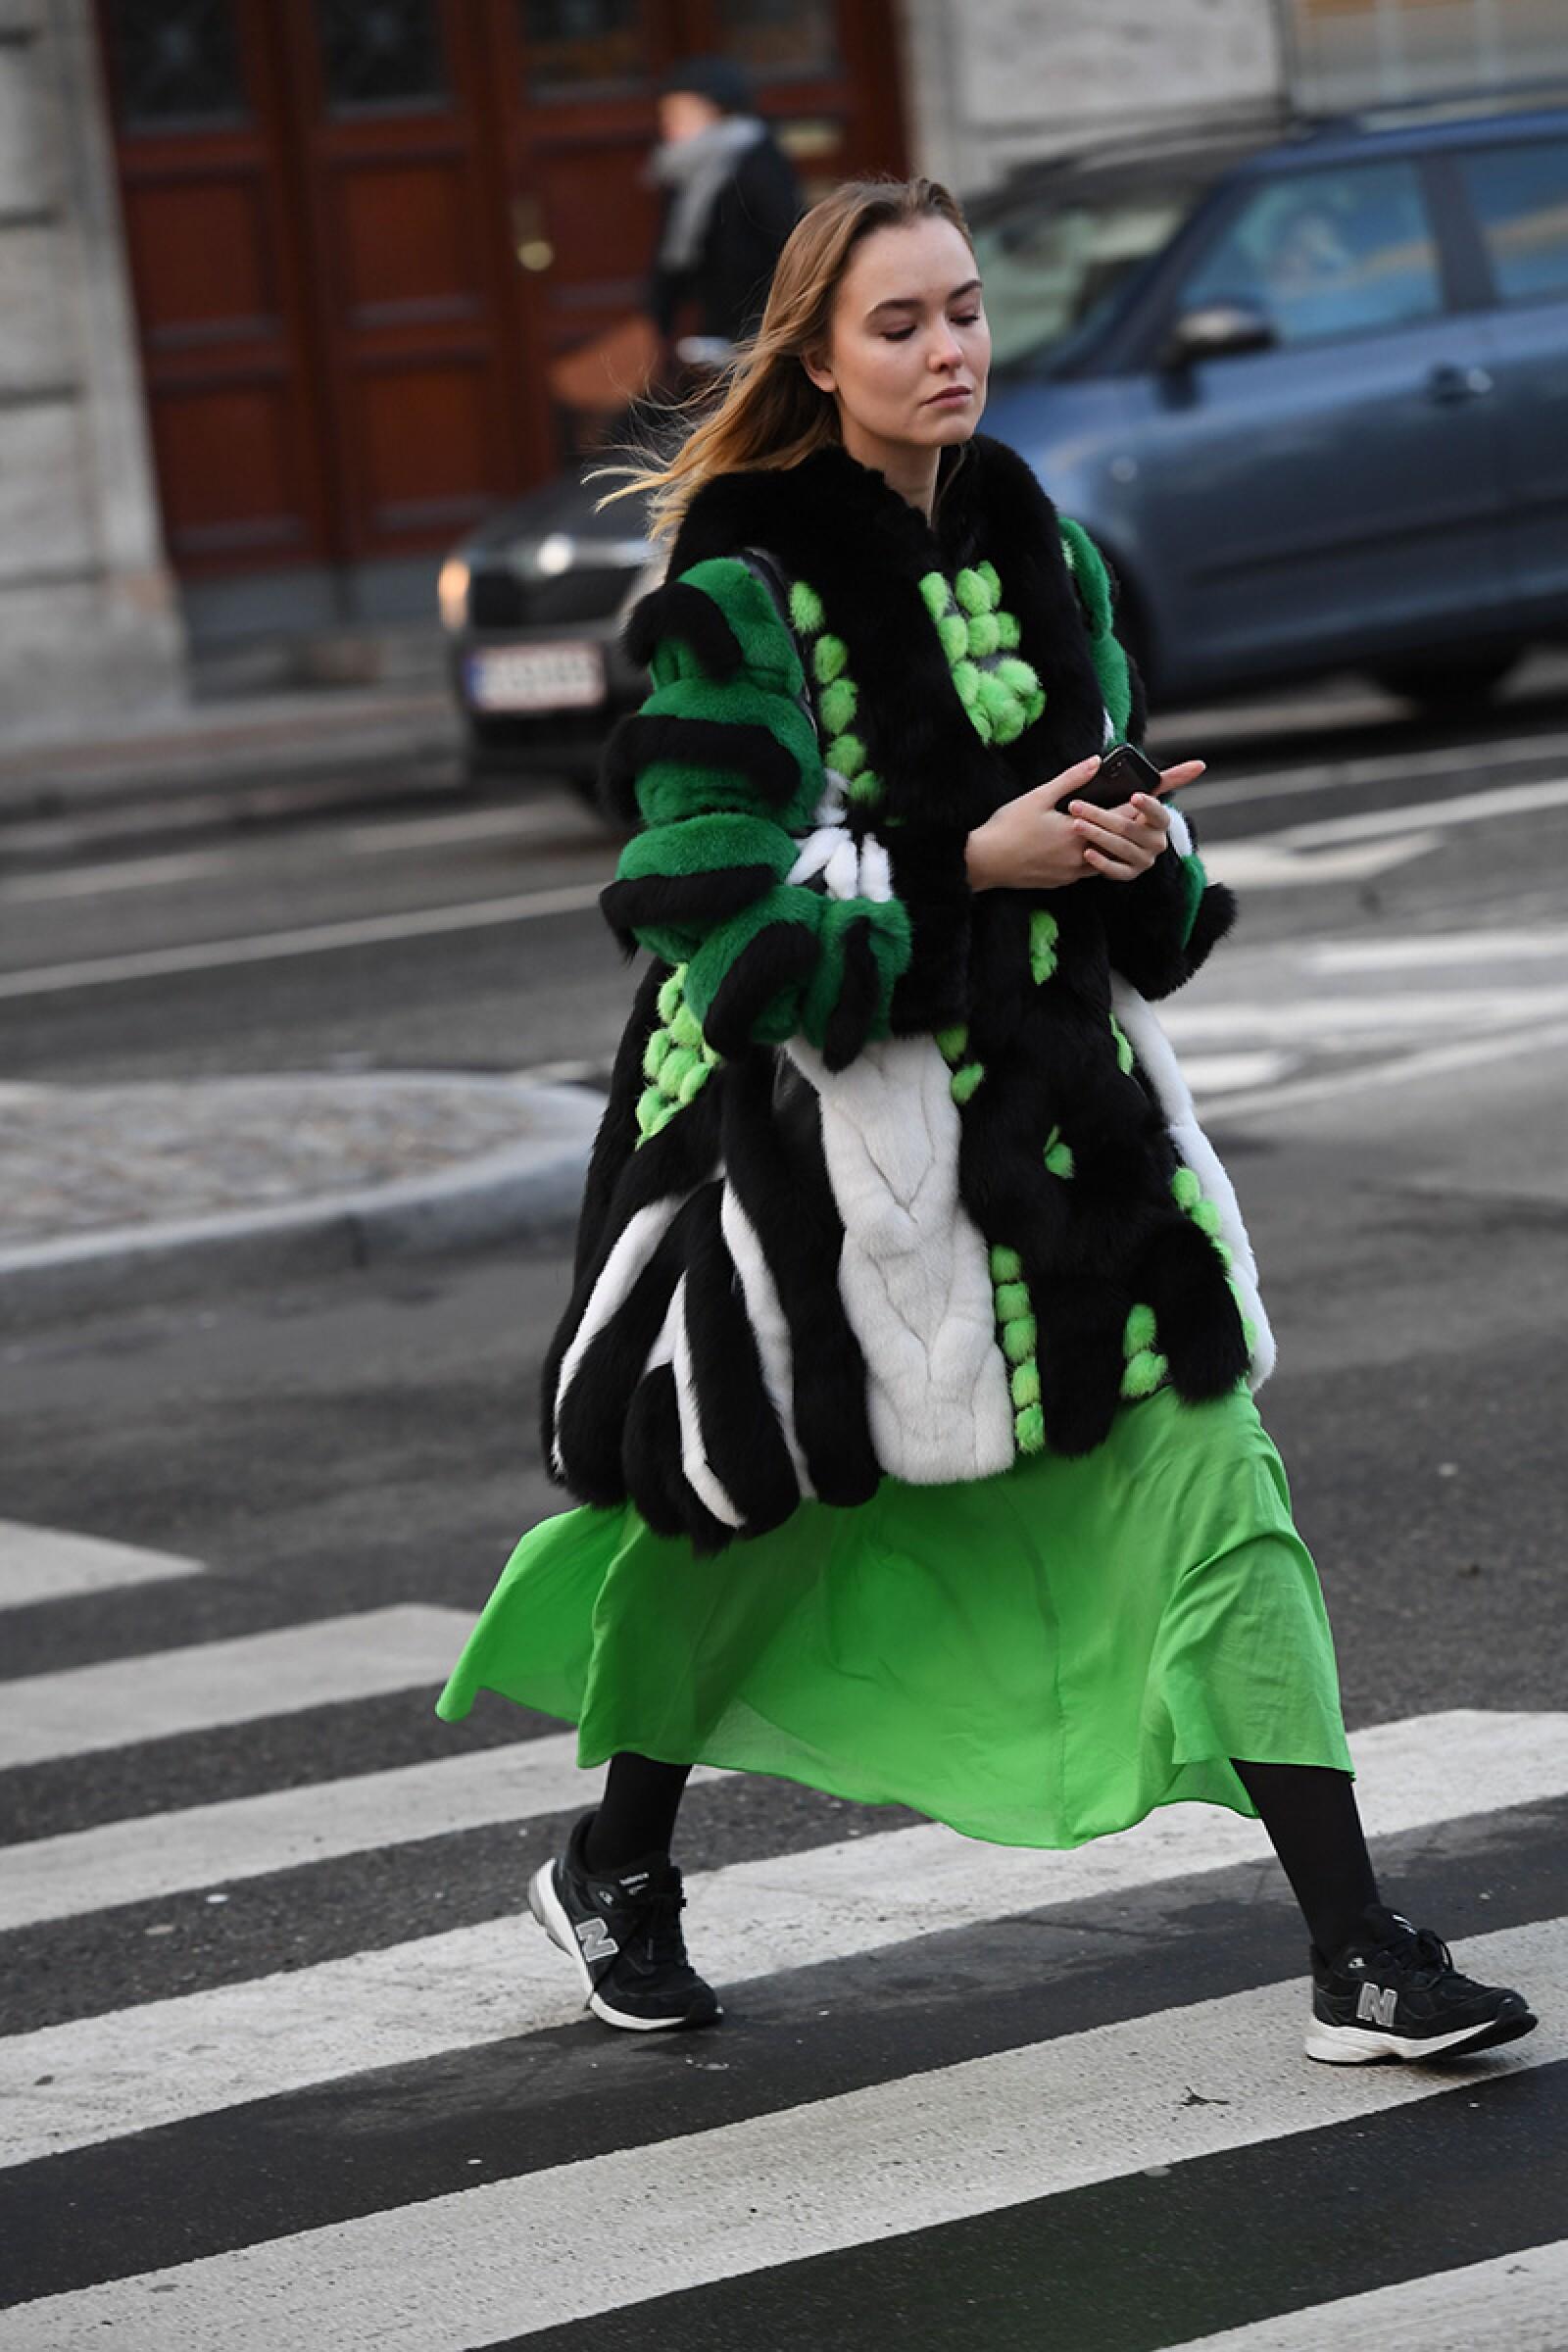 Street Style, Fall Winter 2019, Copenhagen Fashion Week, Denmark - 29 Jan 2019